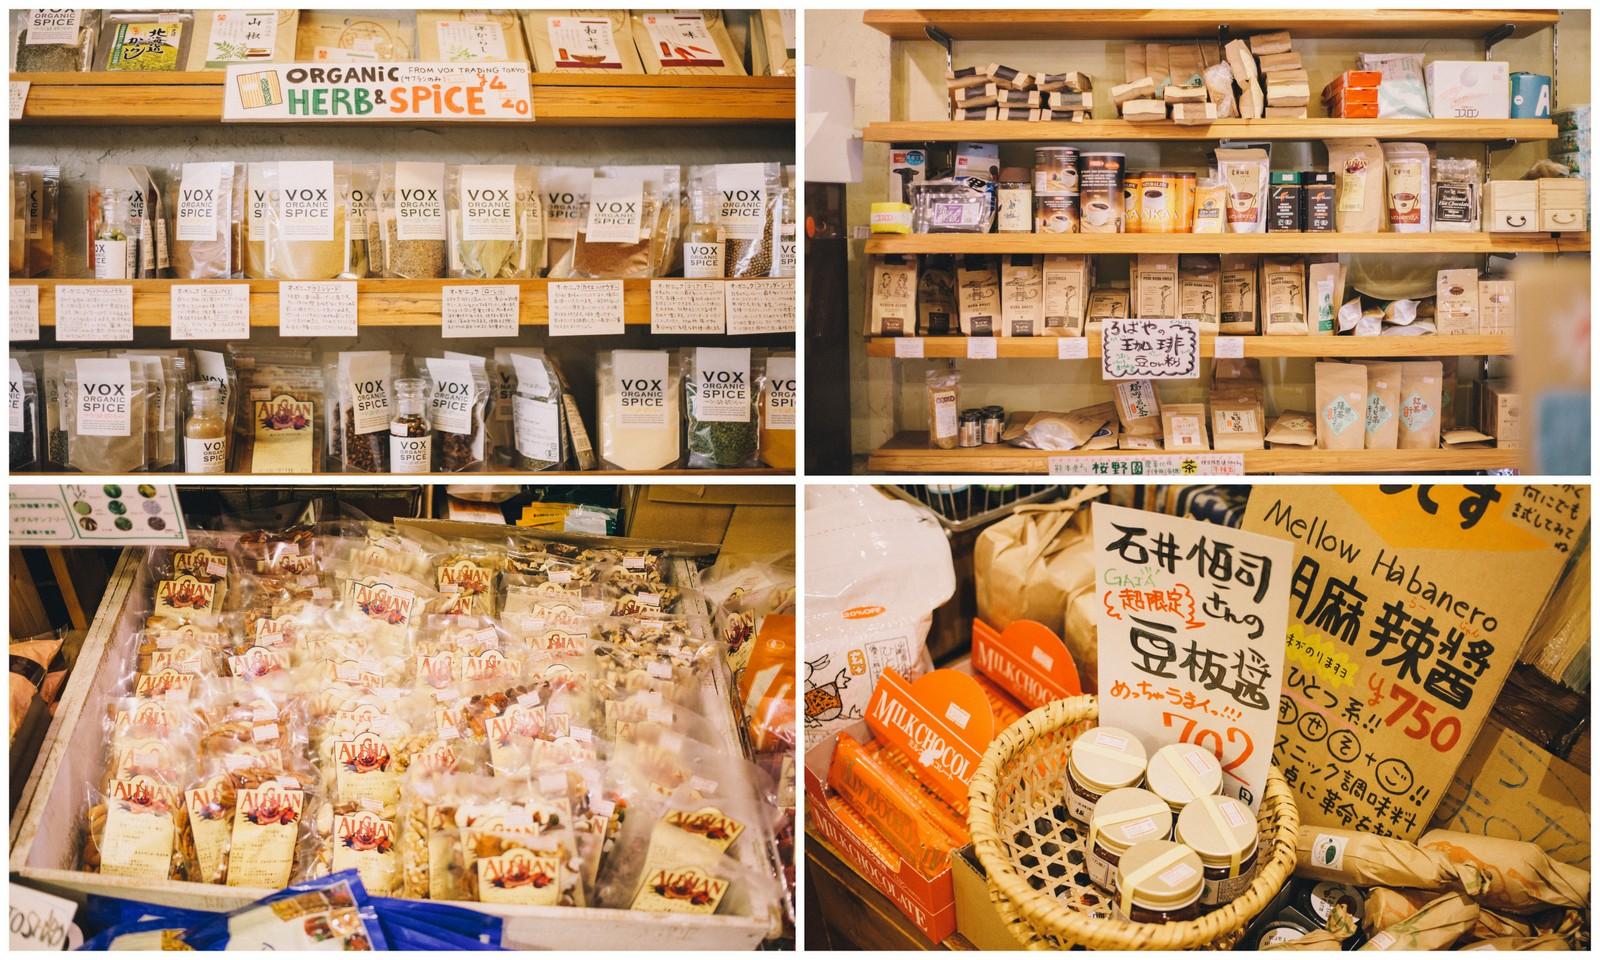 オーガニックフードショップ GAIA 代々木上原店 の調味料やコーヒー